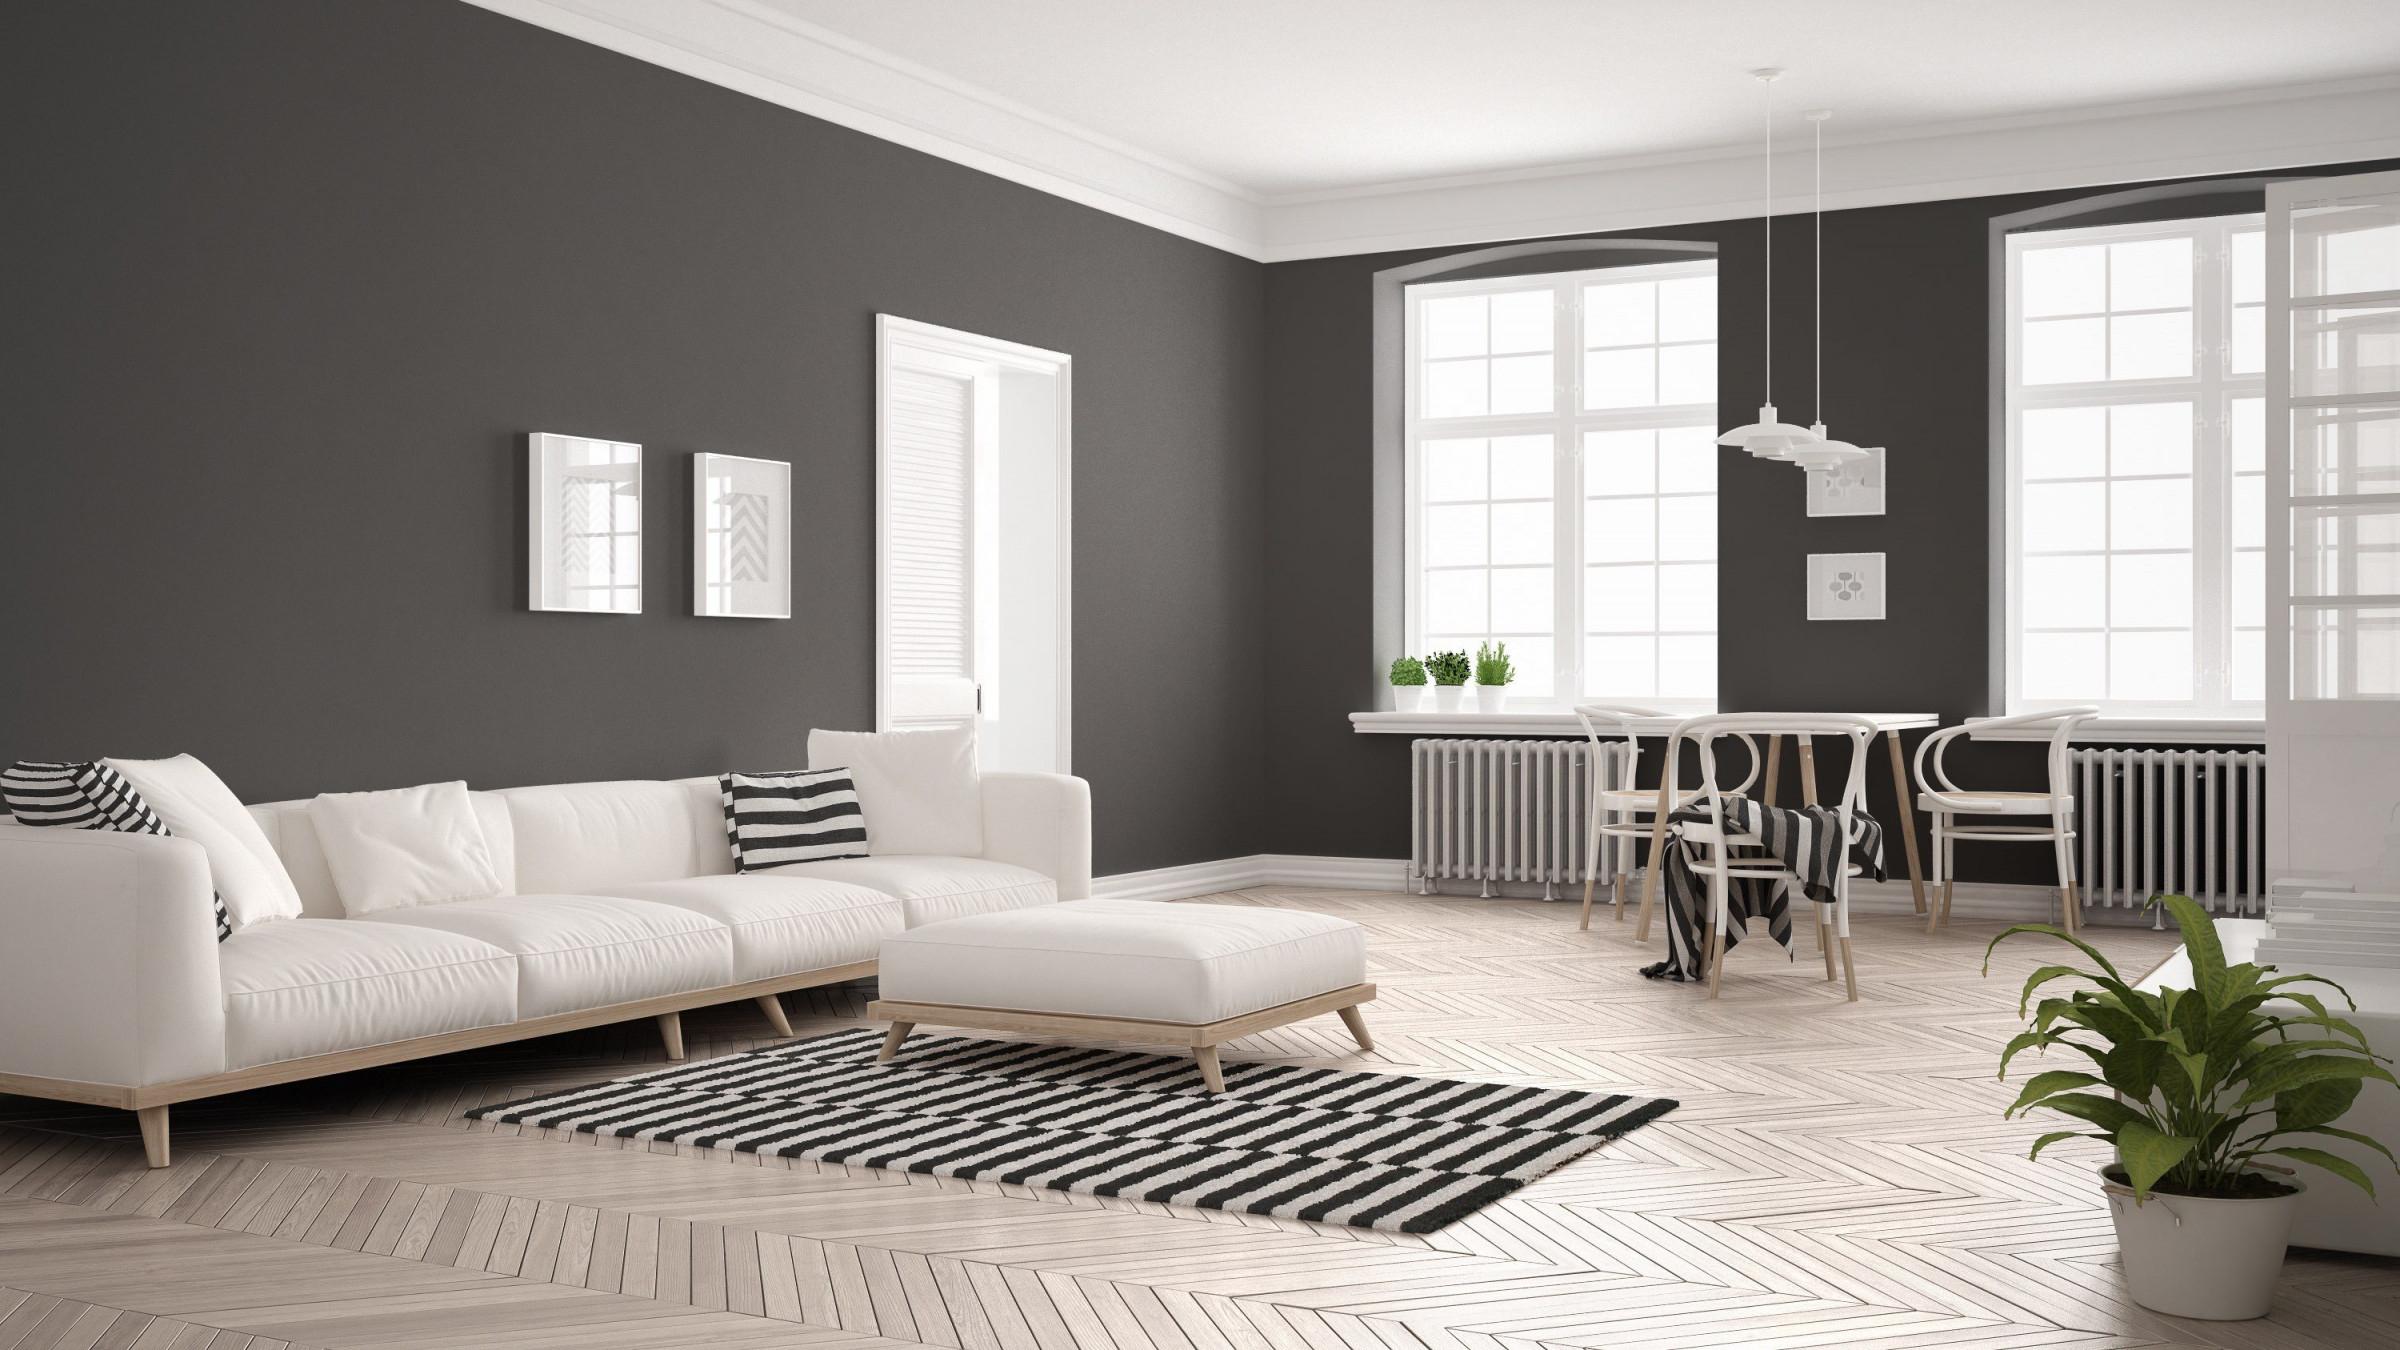 Minimalistisch Einrichten – Weniger Haben Gemütlicher Wohnen von Wohnzimmer Ideen Minimalistisch Photo